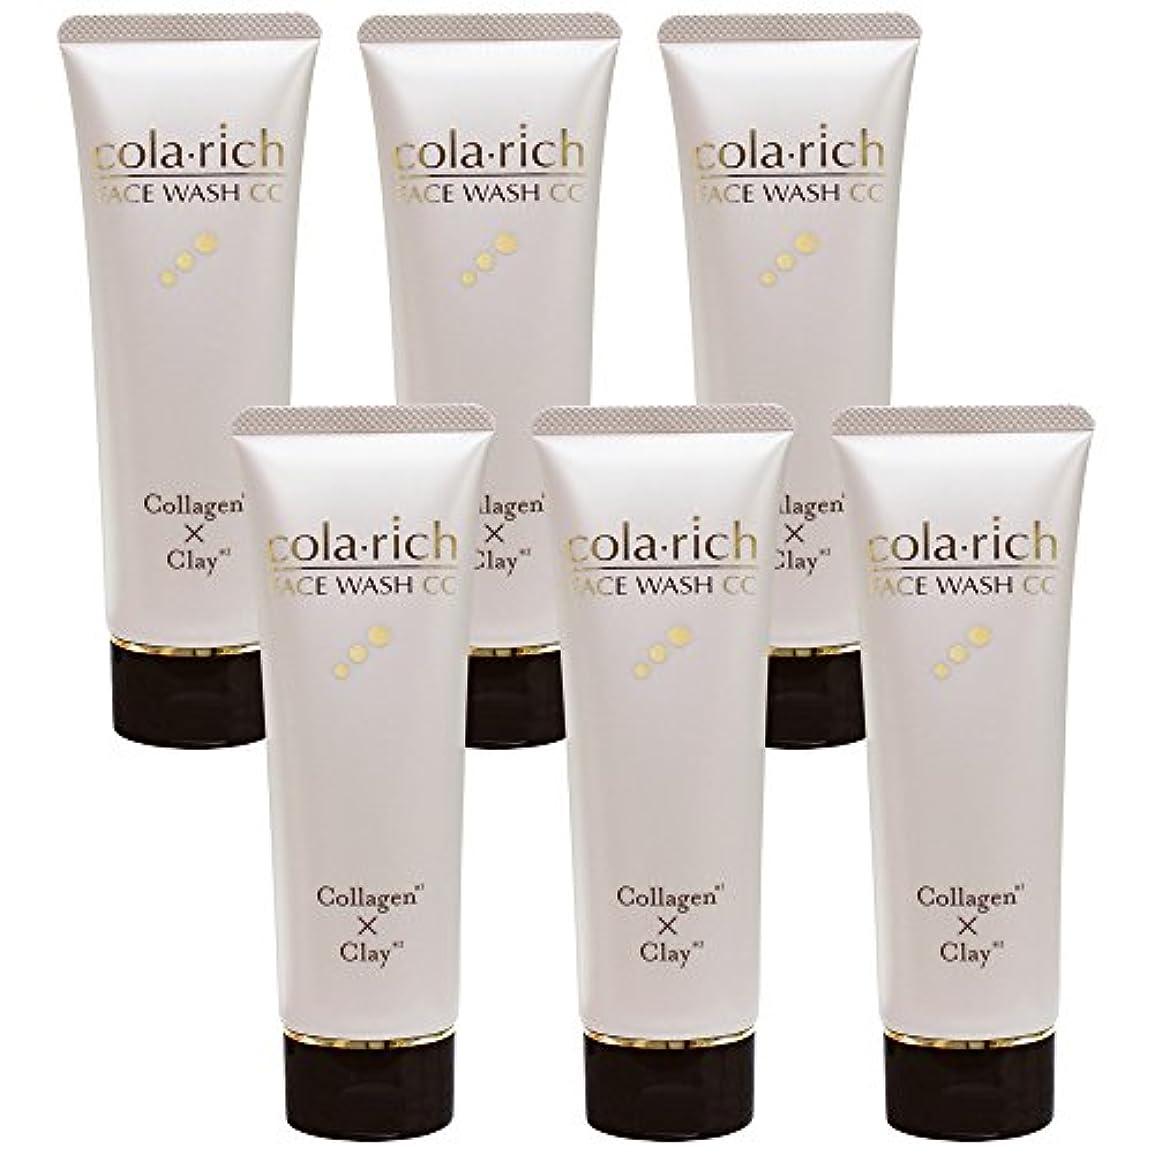 インセンティブ鷲ペルメルコラリッチ コラーゲン配合美容液洗顔6本まとめ買い/フェイスウォッシュCC(1本120g 約1カ月分)キューサイ